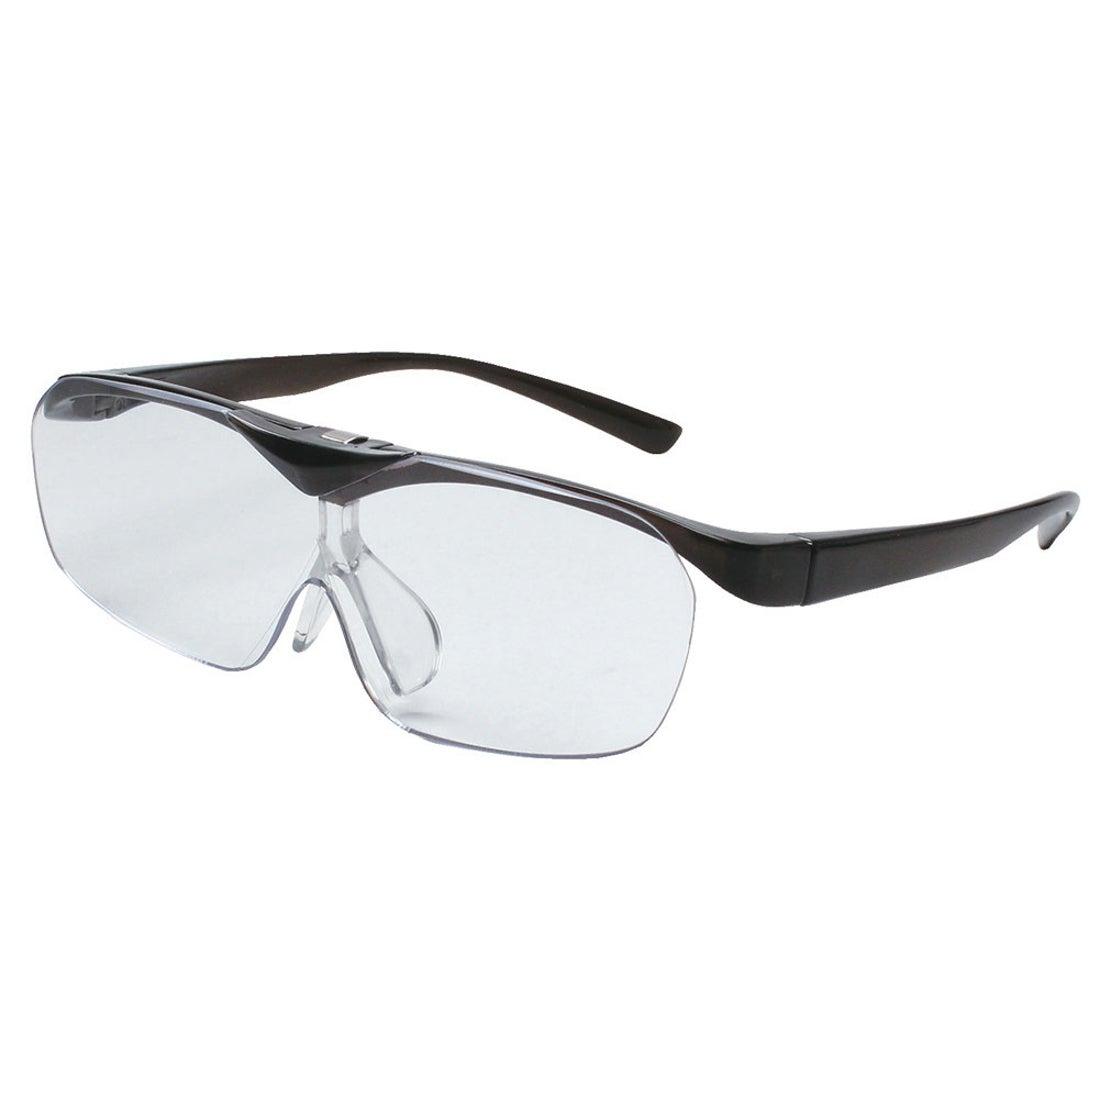 ノーブランド No Brand SMARTEYEスマートアイFSL-01眼鏡型はね上げタイプ (ダークグレー)